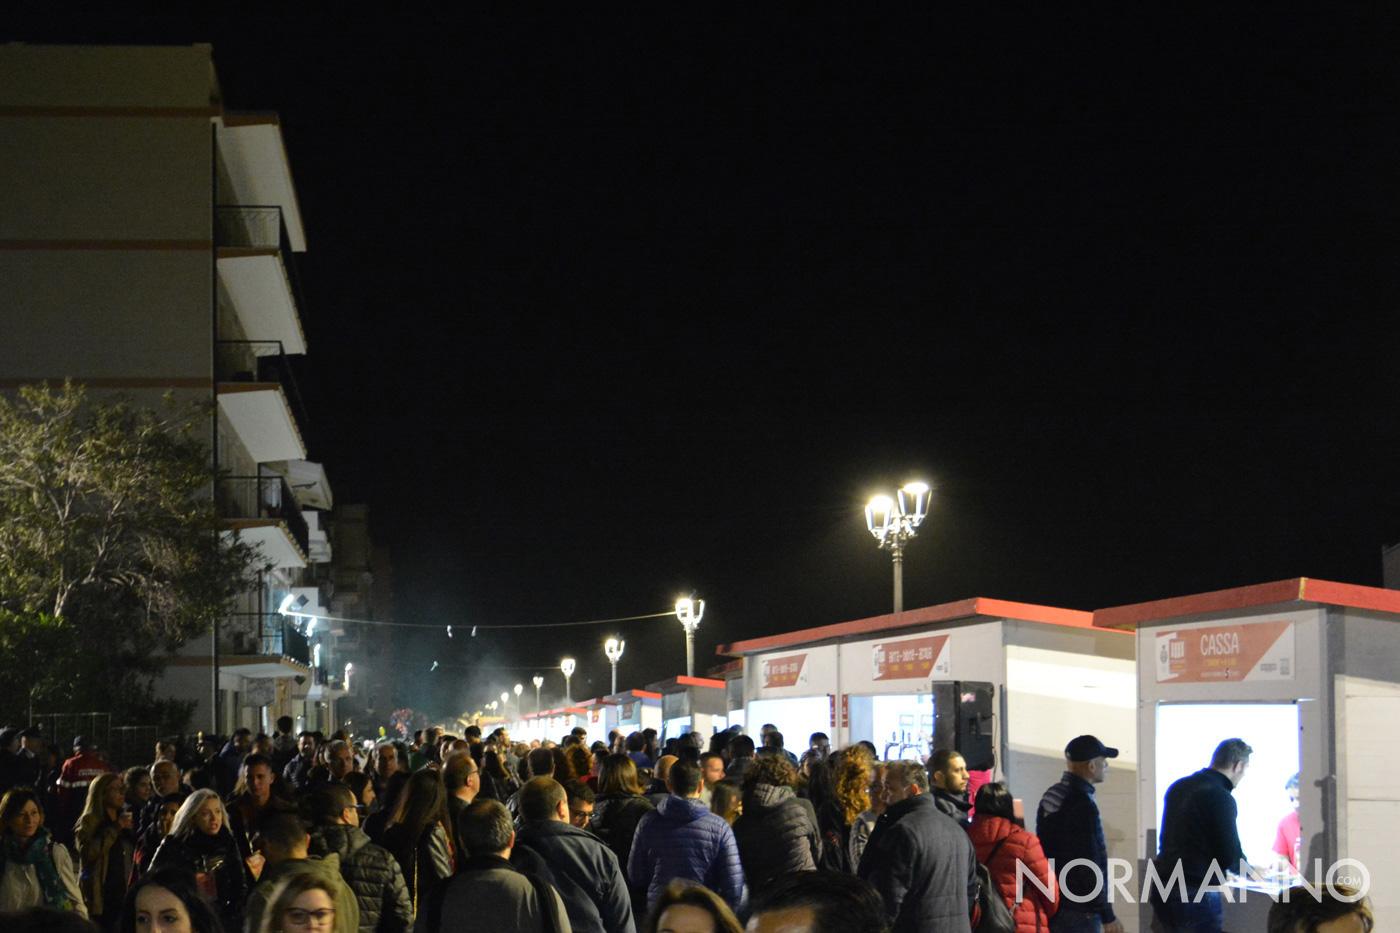 Foto pubblico allo Street Food di Primavera 2019